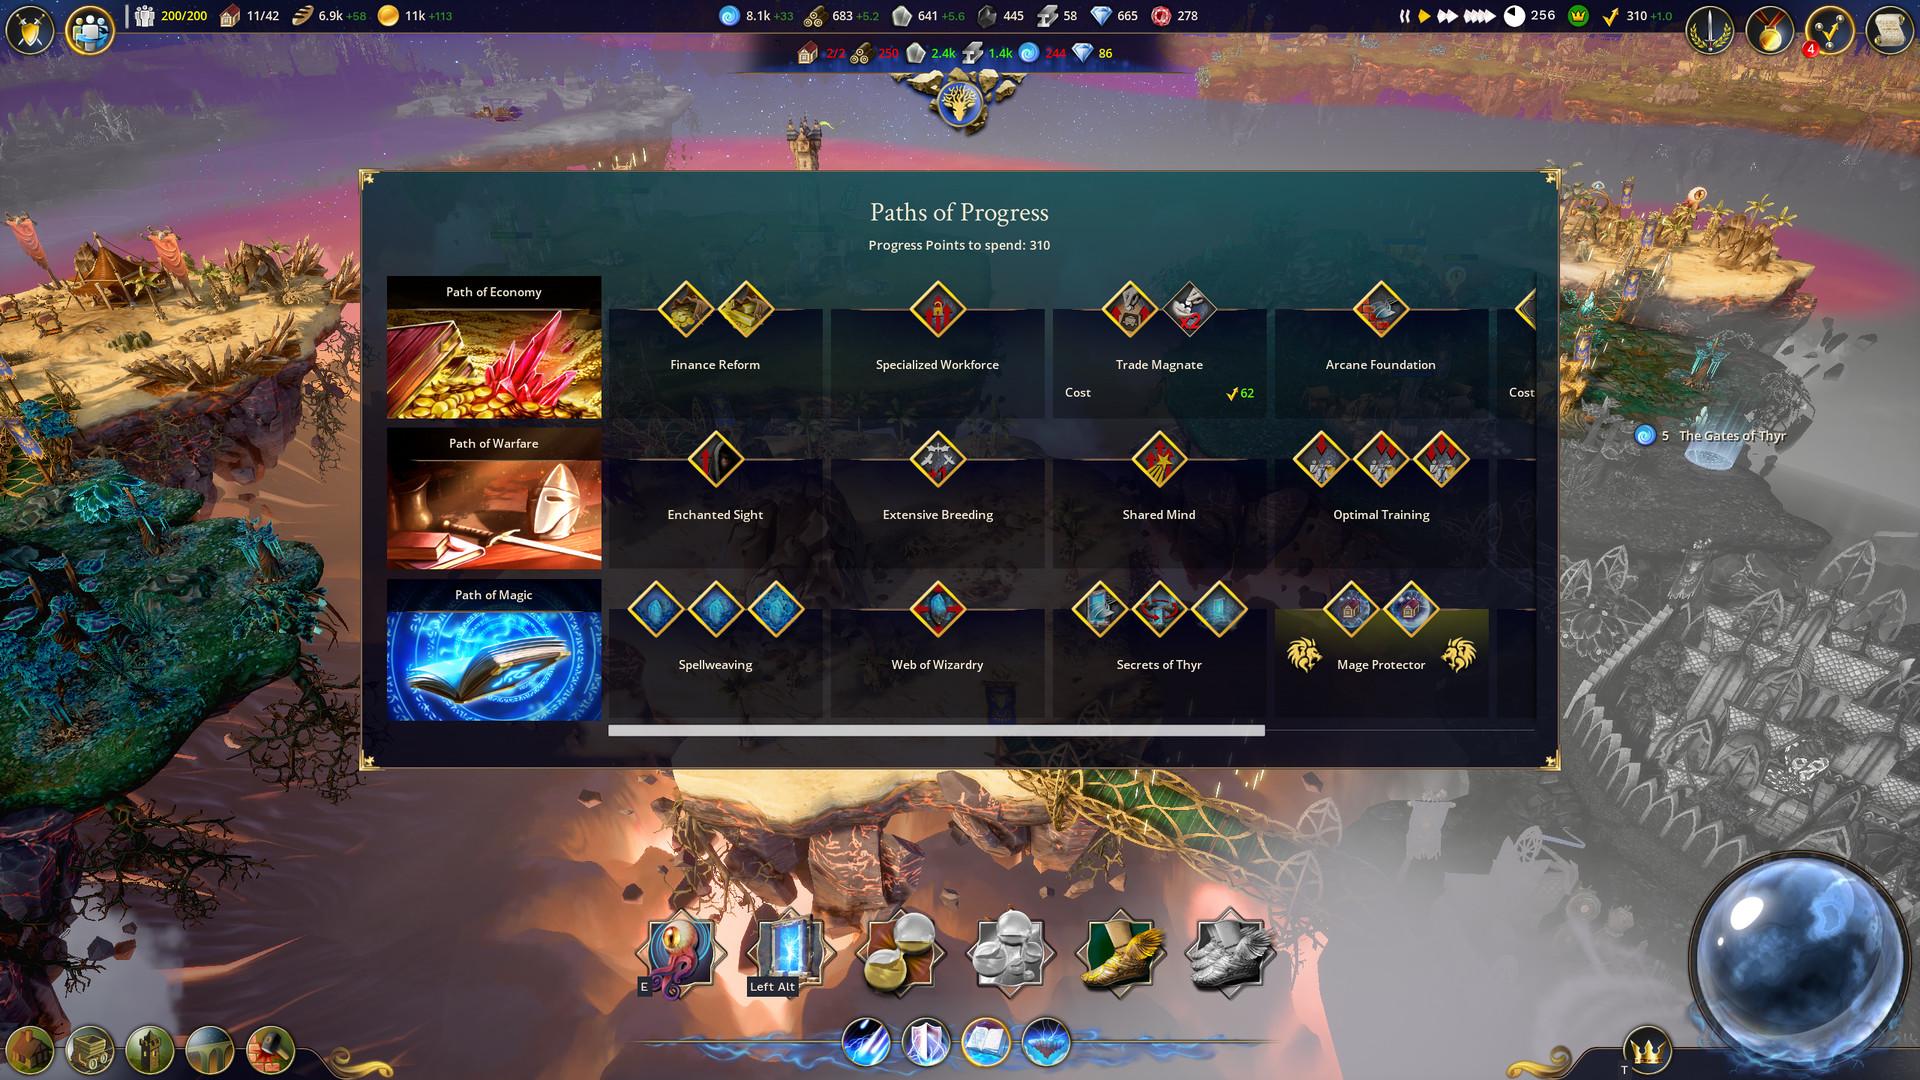 虚幻引擎4策略游戏《漂移大陆:魔法复兴》细节